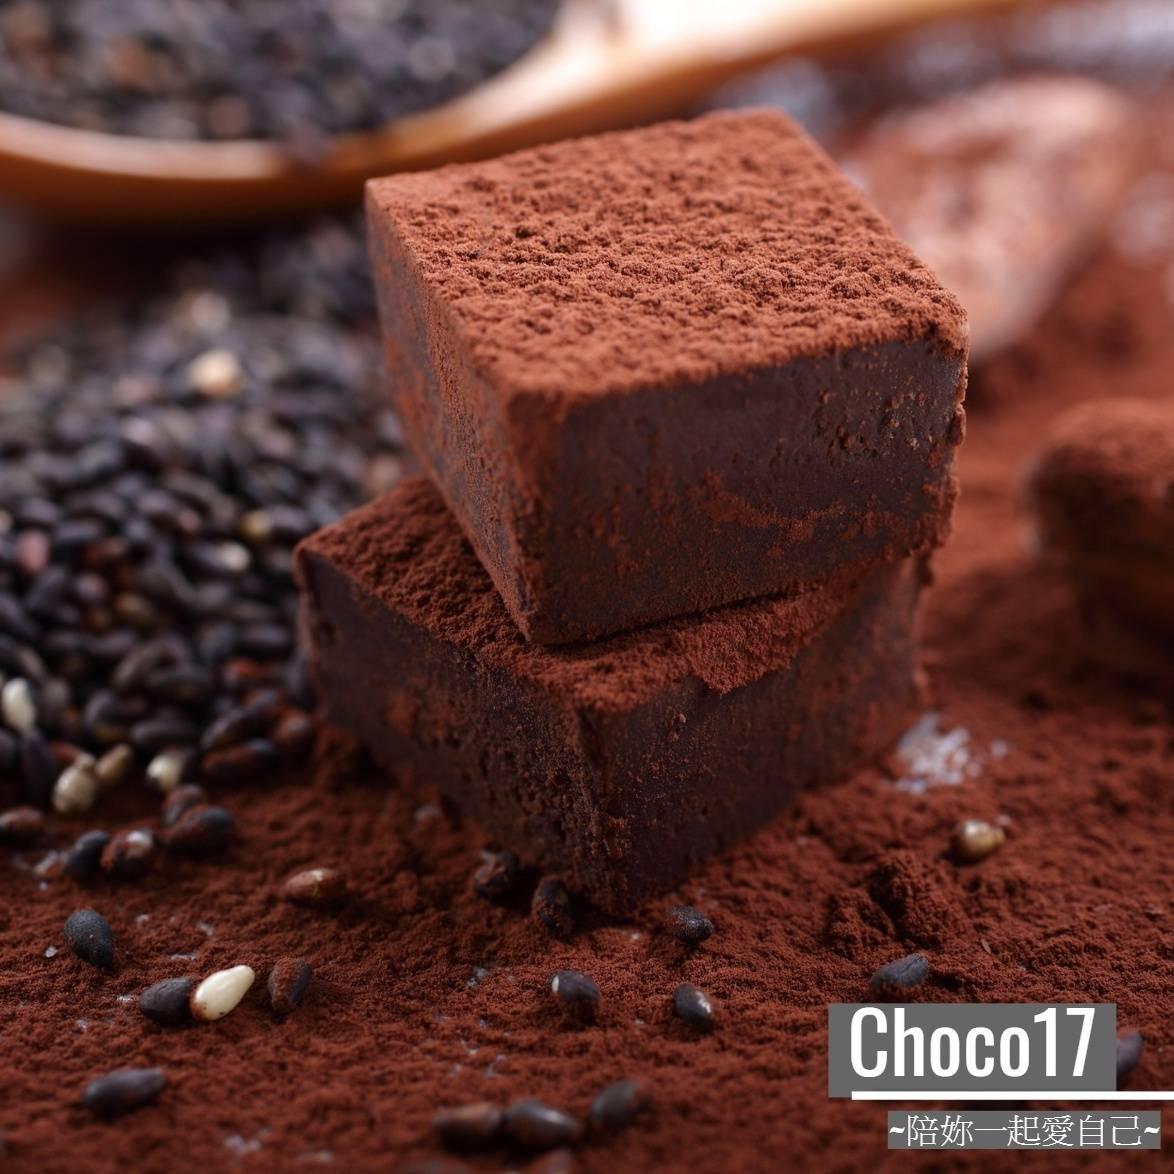 無糖芝麻生巧克力❤減重 | 生酮飲食必備❤第二件79折【Choco17 香謝17巧克力】巧克力專賣 | 領卷滿1000現折100 0